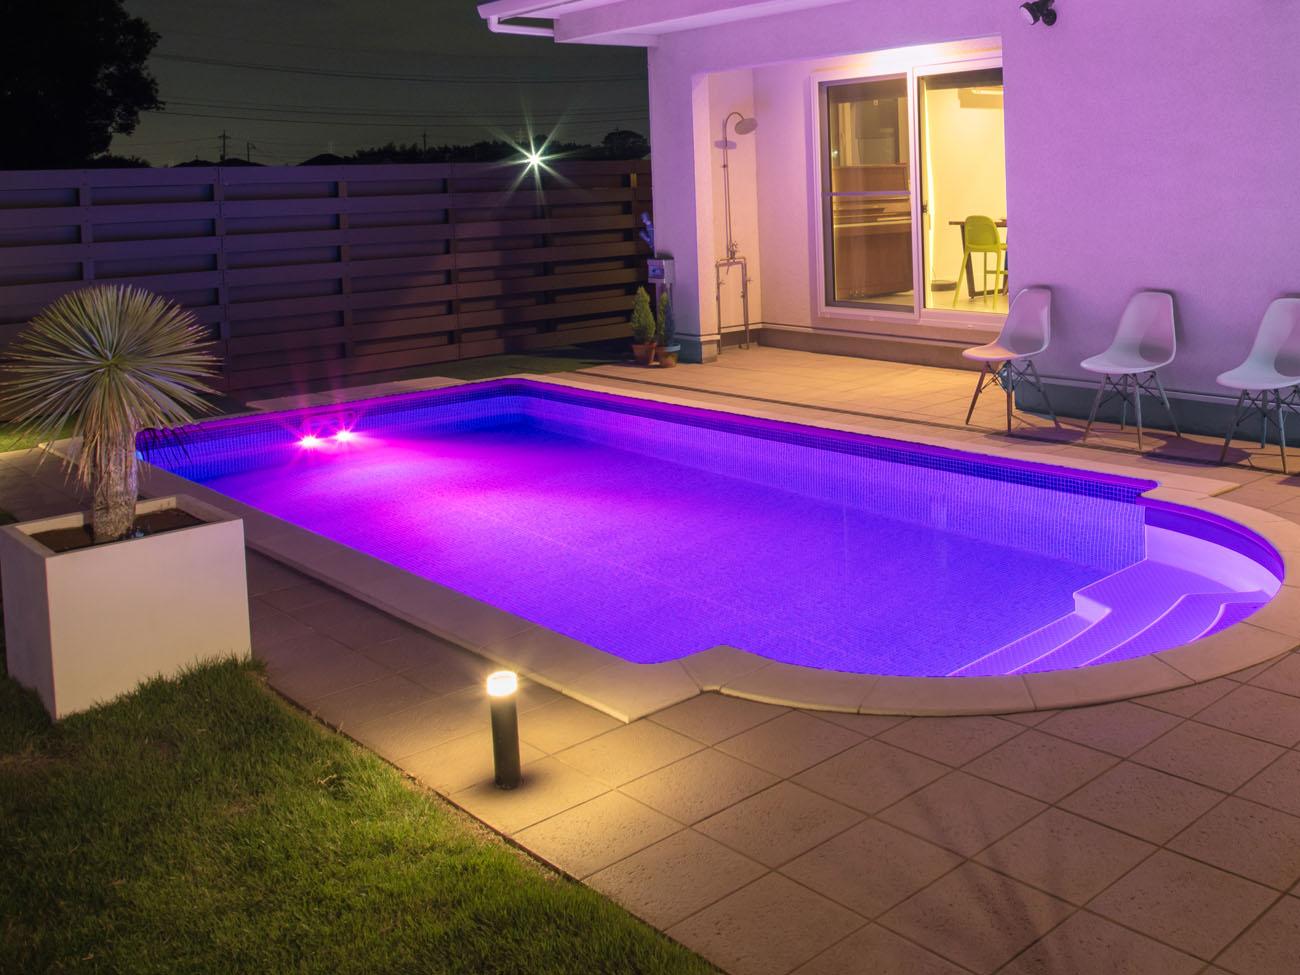 プール付きの家 イメージ画像15